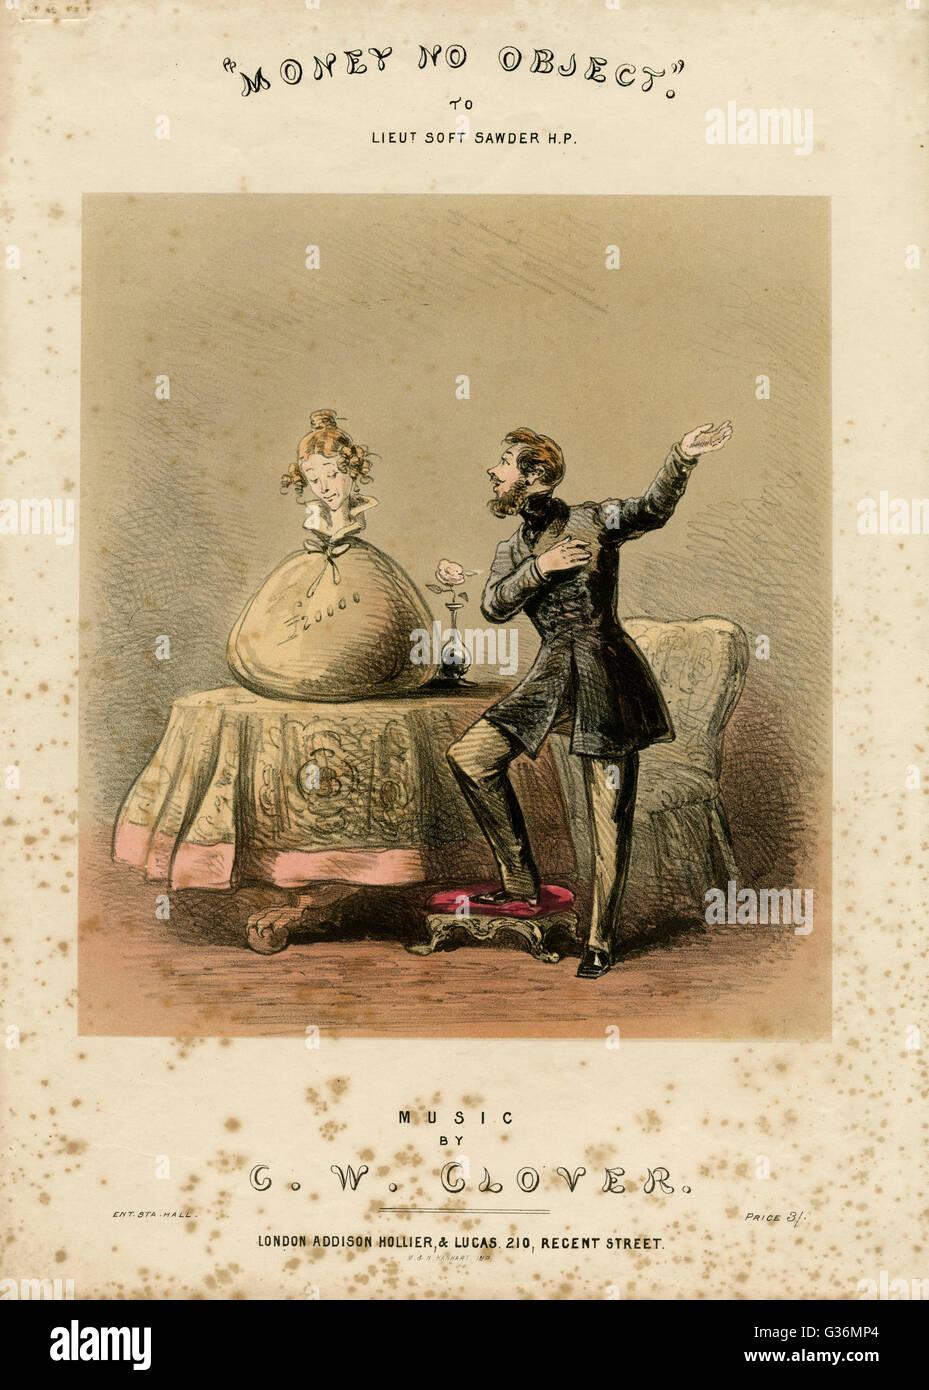 Il denaro non esiste alcun oggetto. La satira su sposando per denaro Data: circa 1850s Immagini Stock